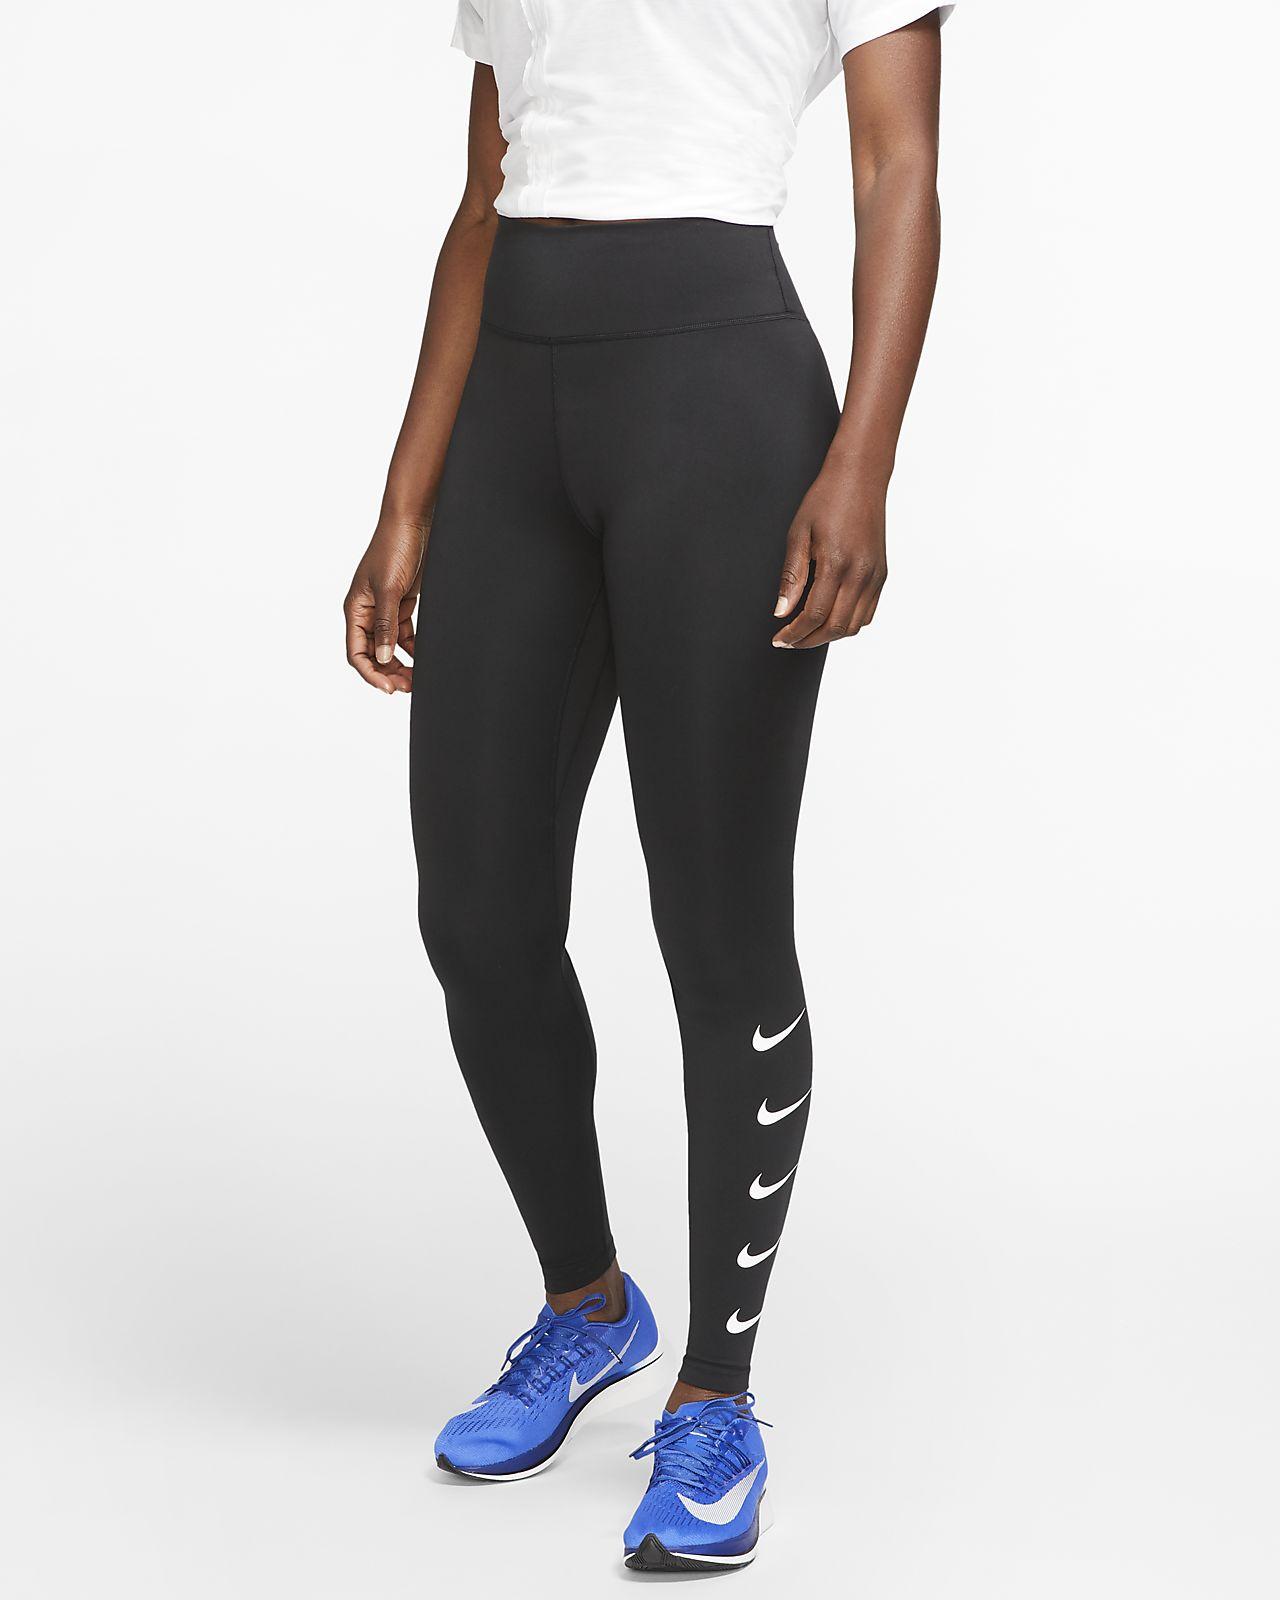 Legging de running Nike Swoosh pour Femme